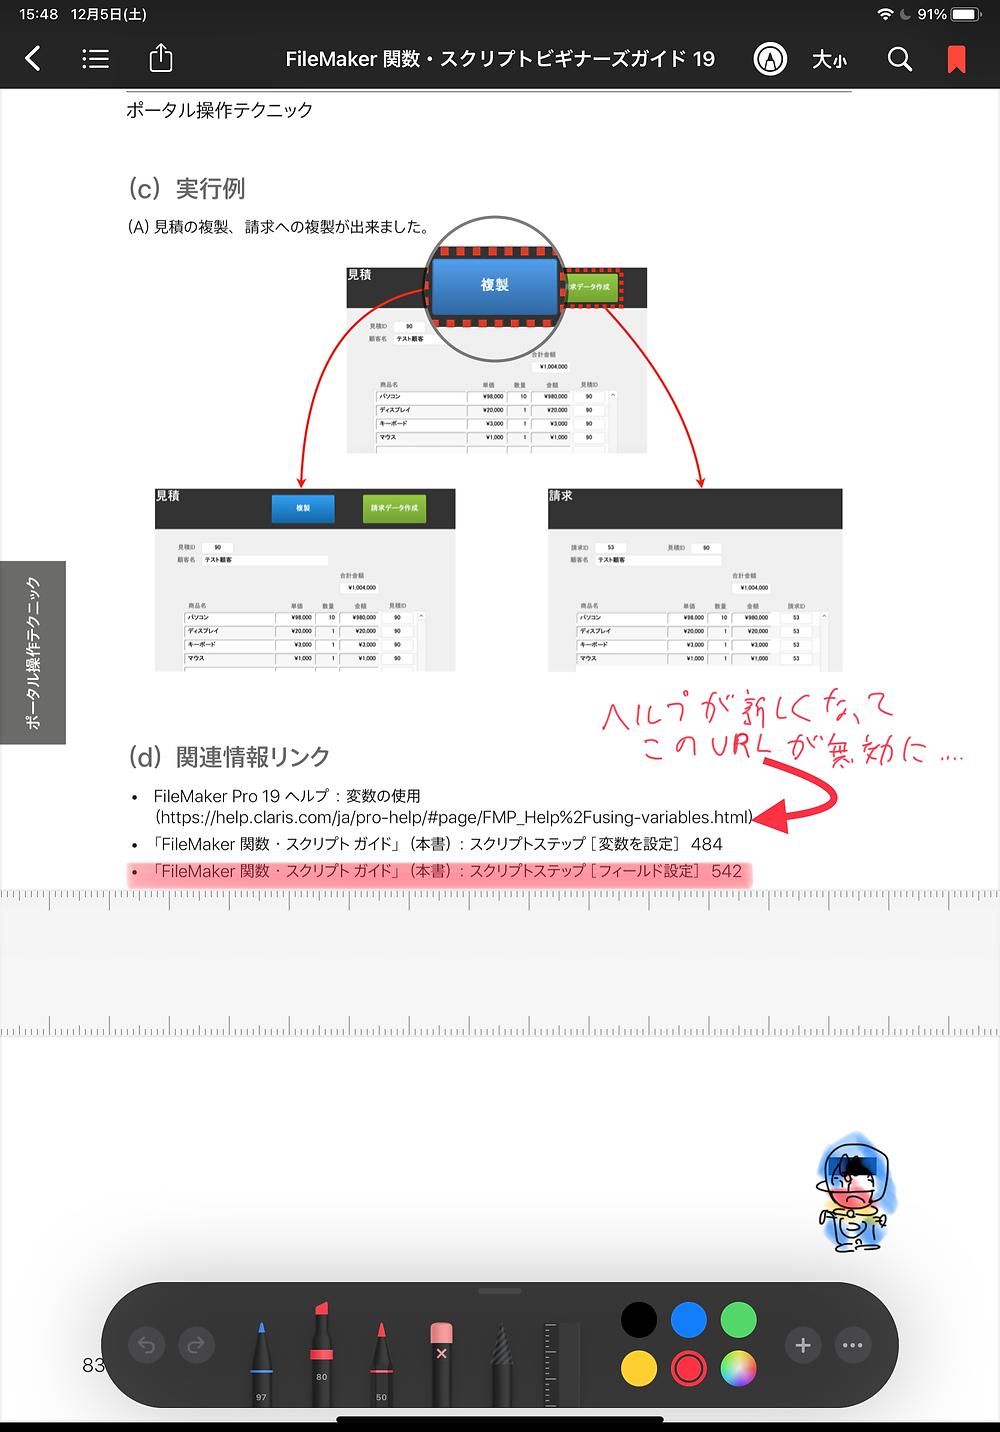 FileMaker 関数・スクリプトガイド(バージョン 19 対応)